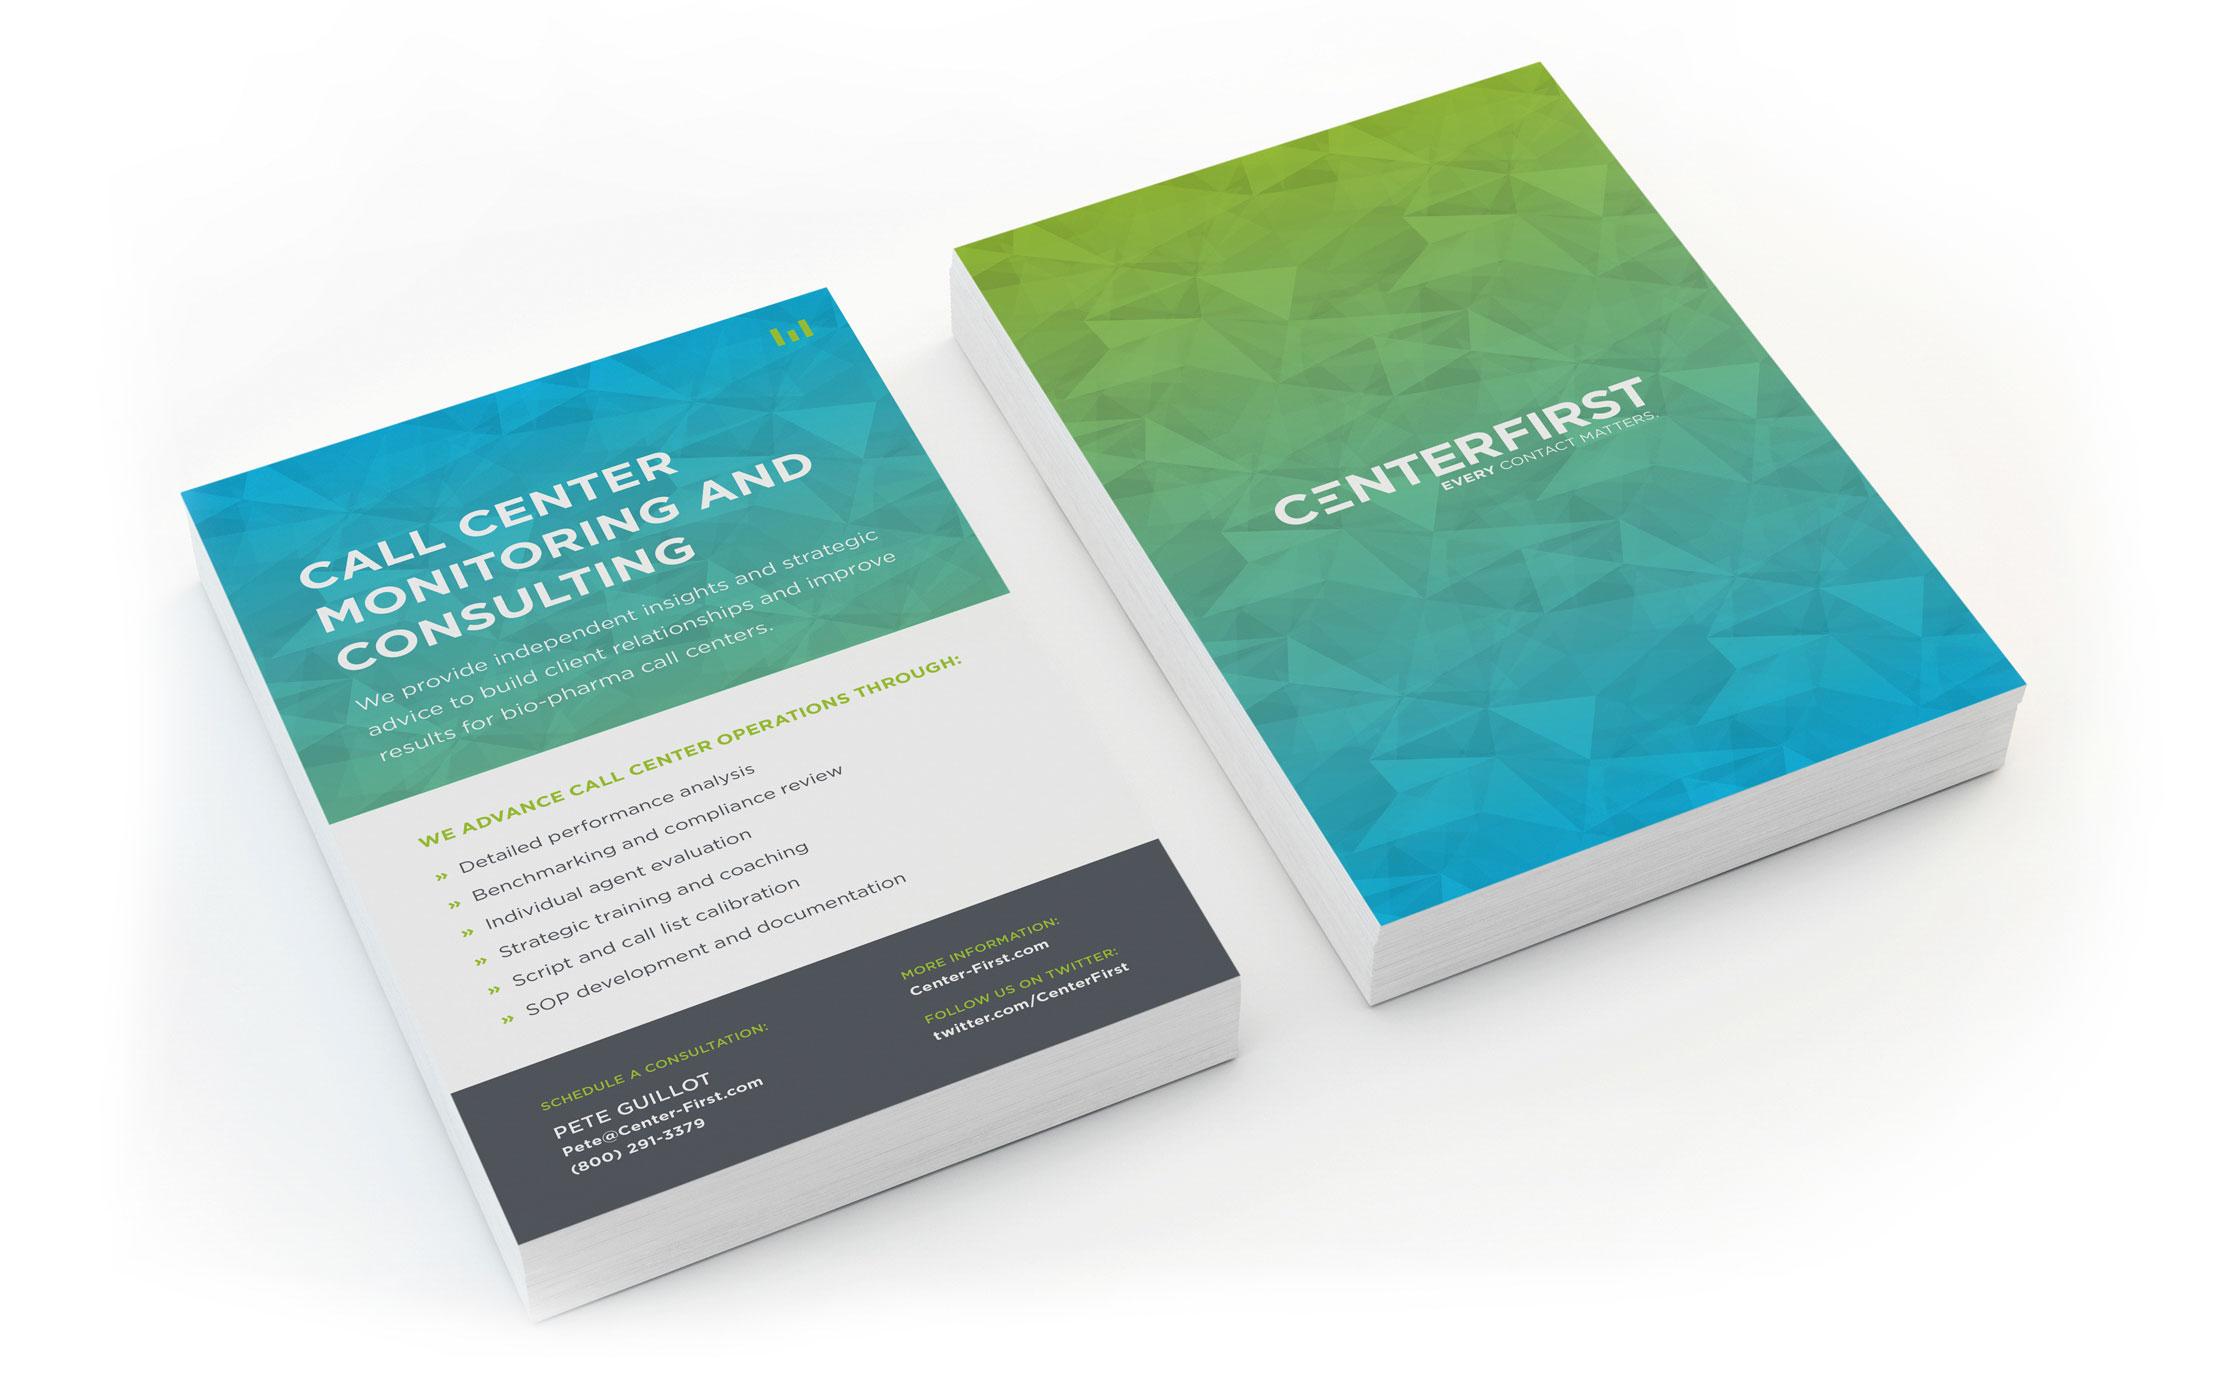 CenterFirst Info Card